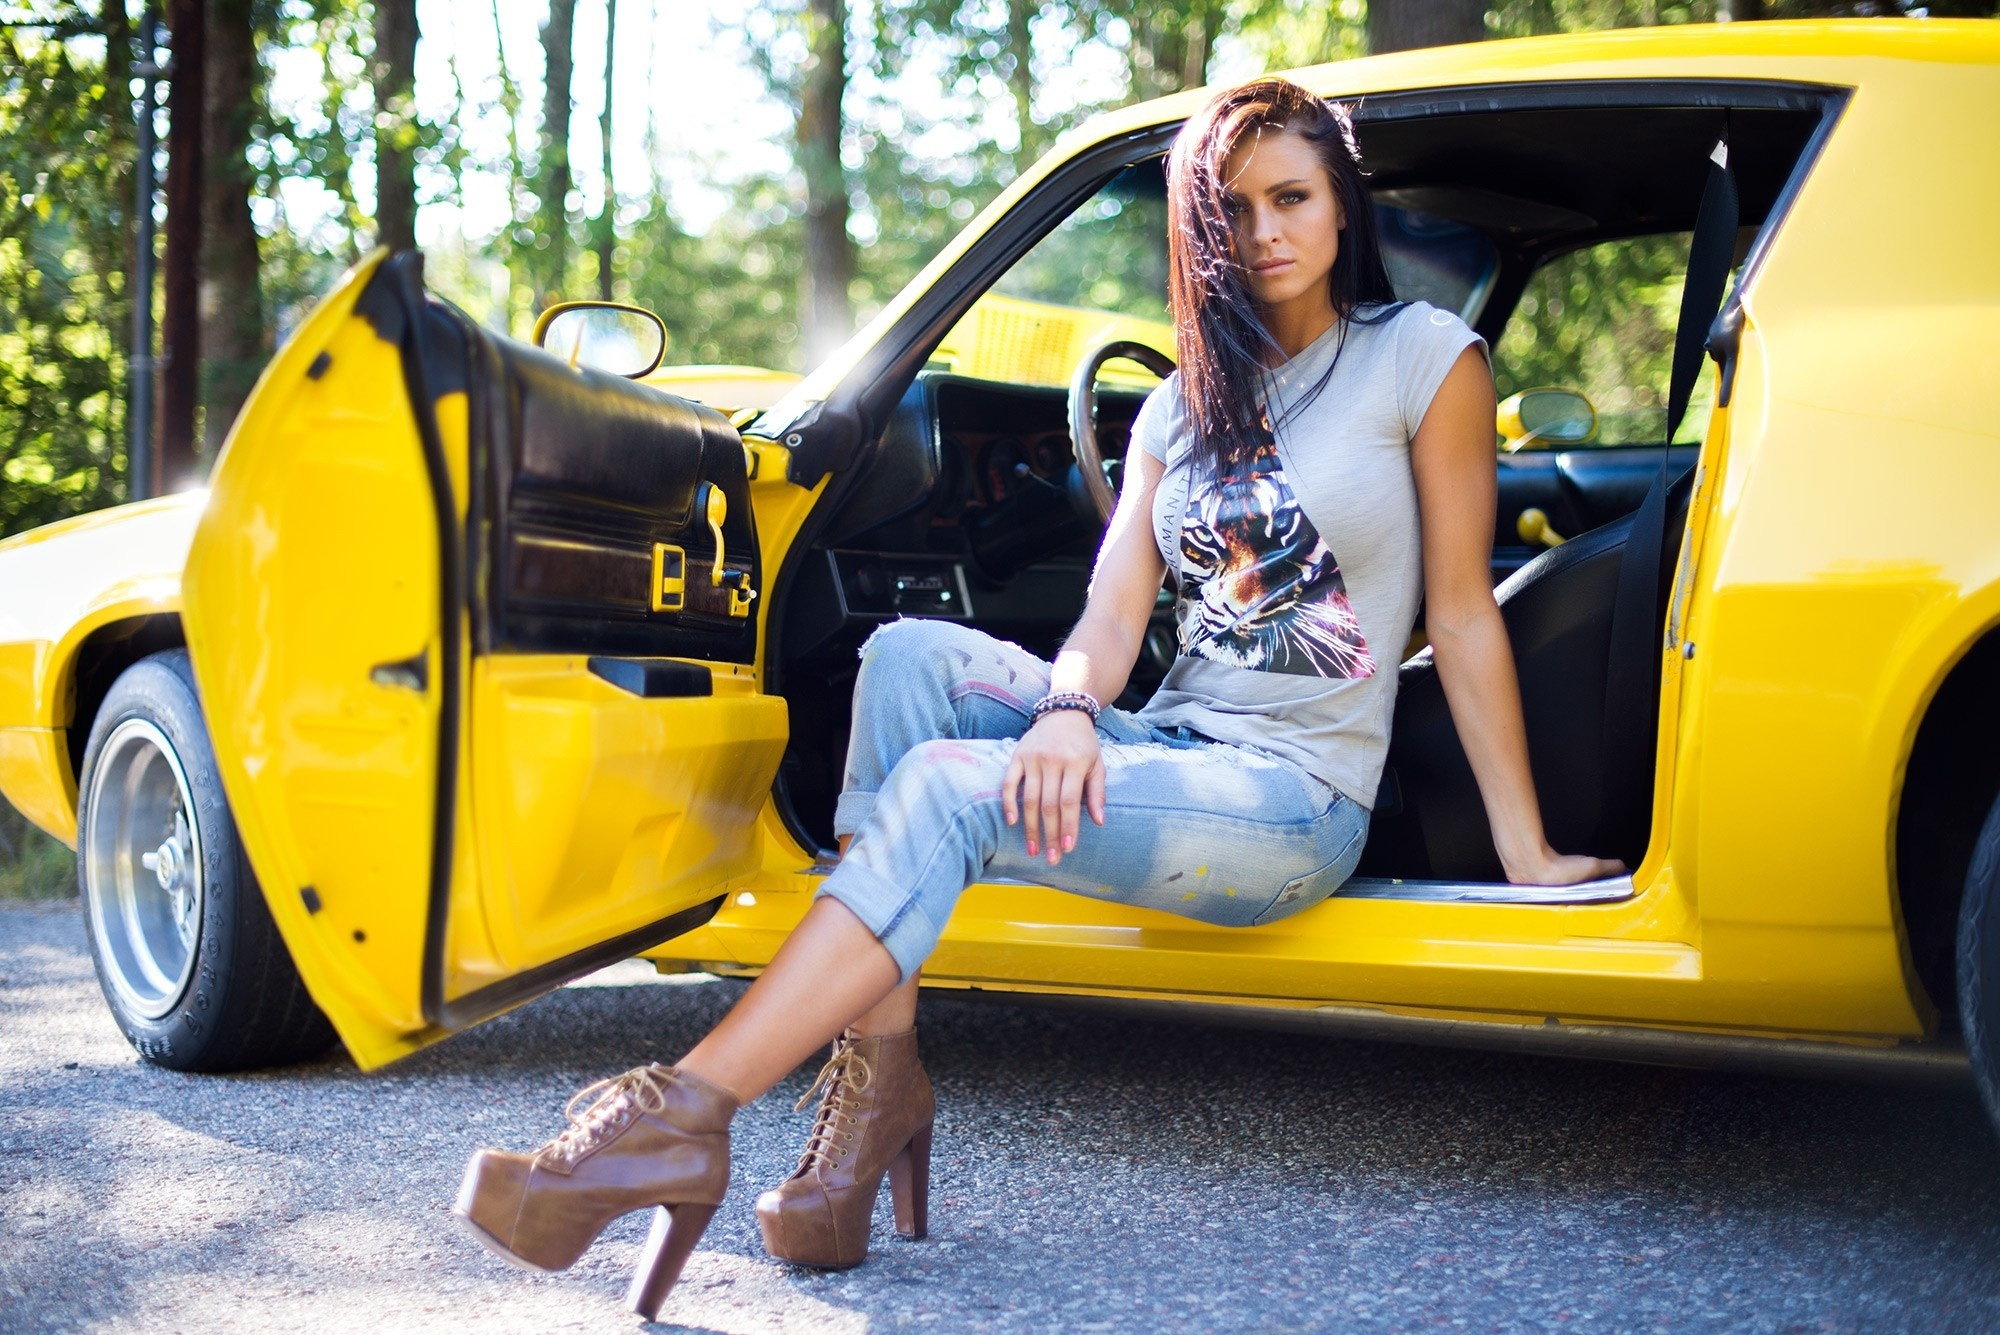 образ певицы красивые фото людей и автомобили концерта сопровождается двумя